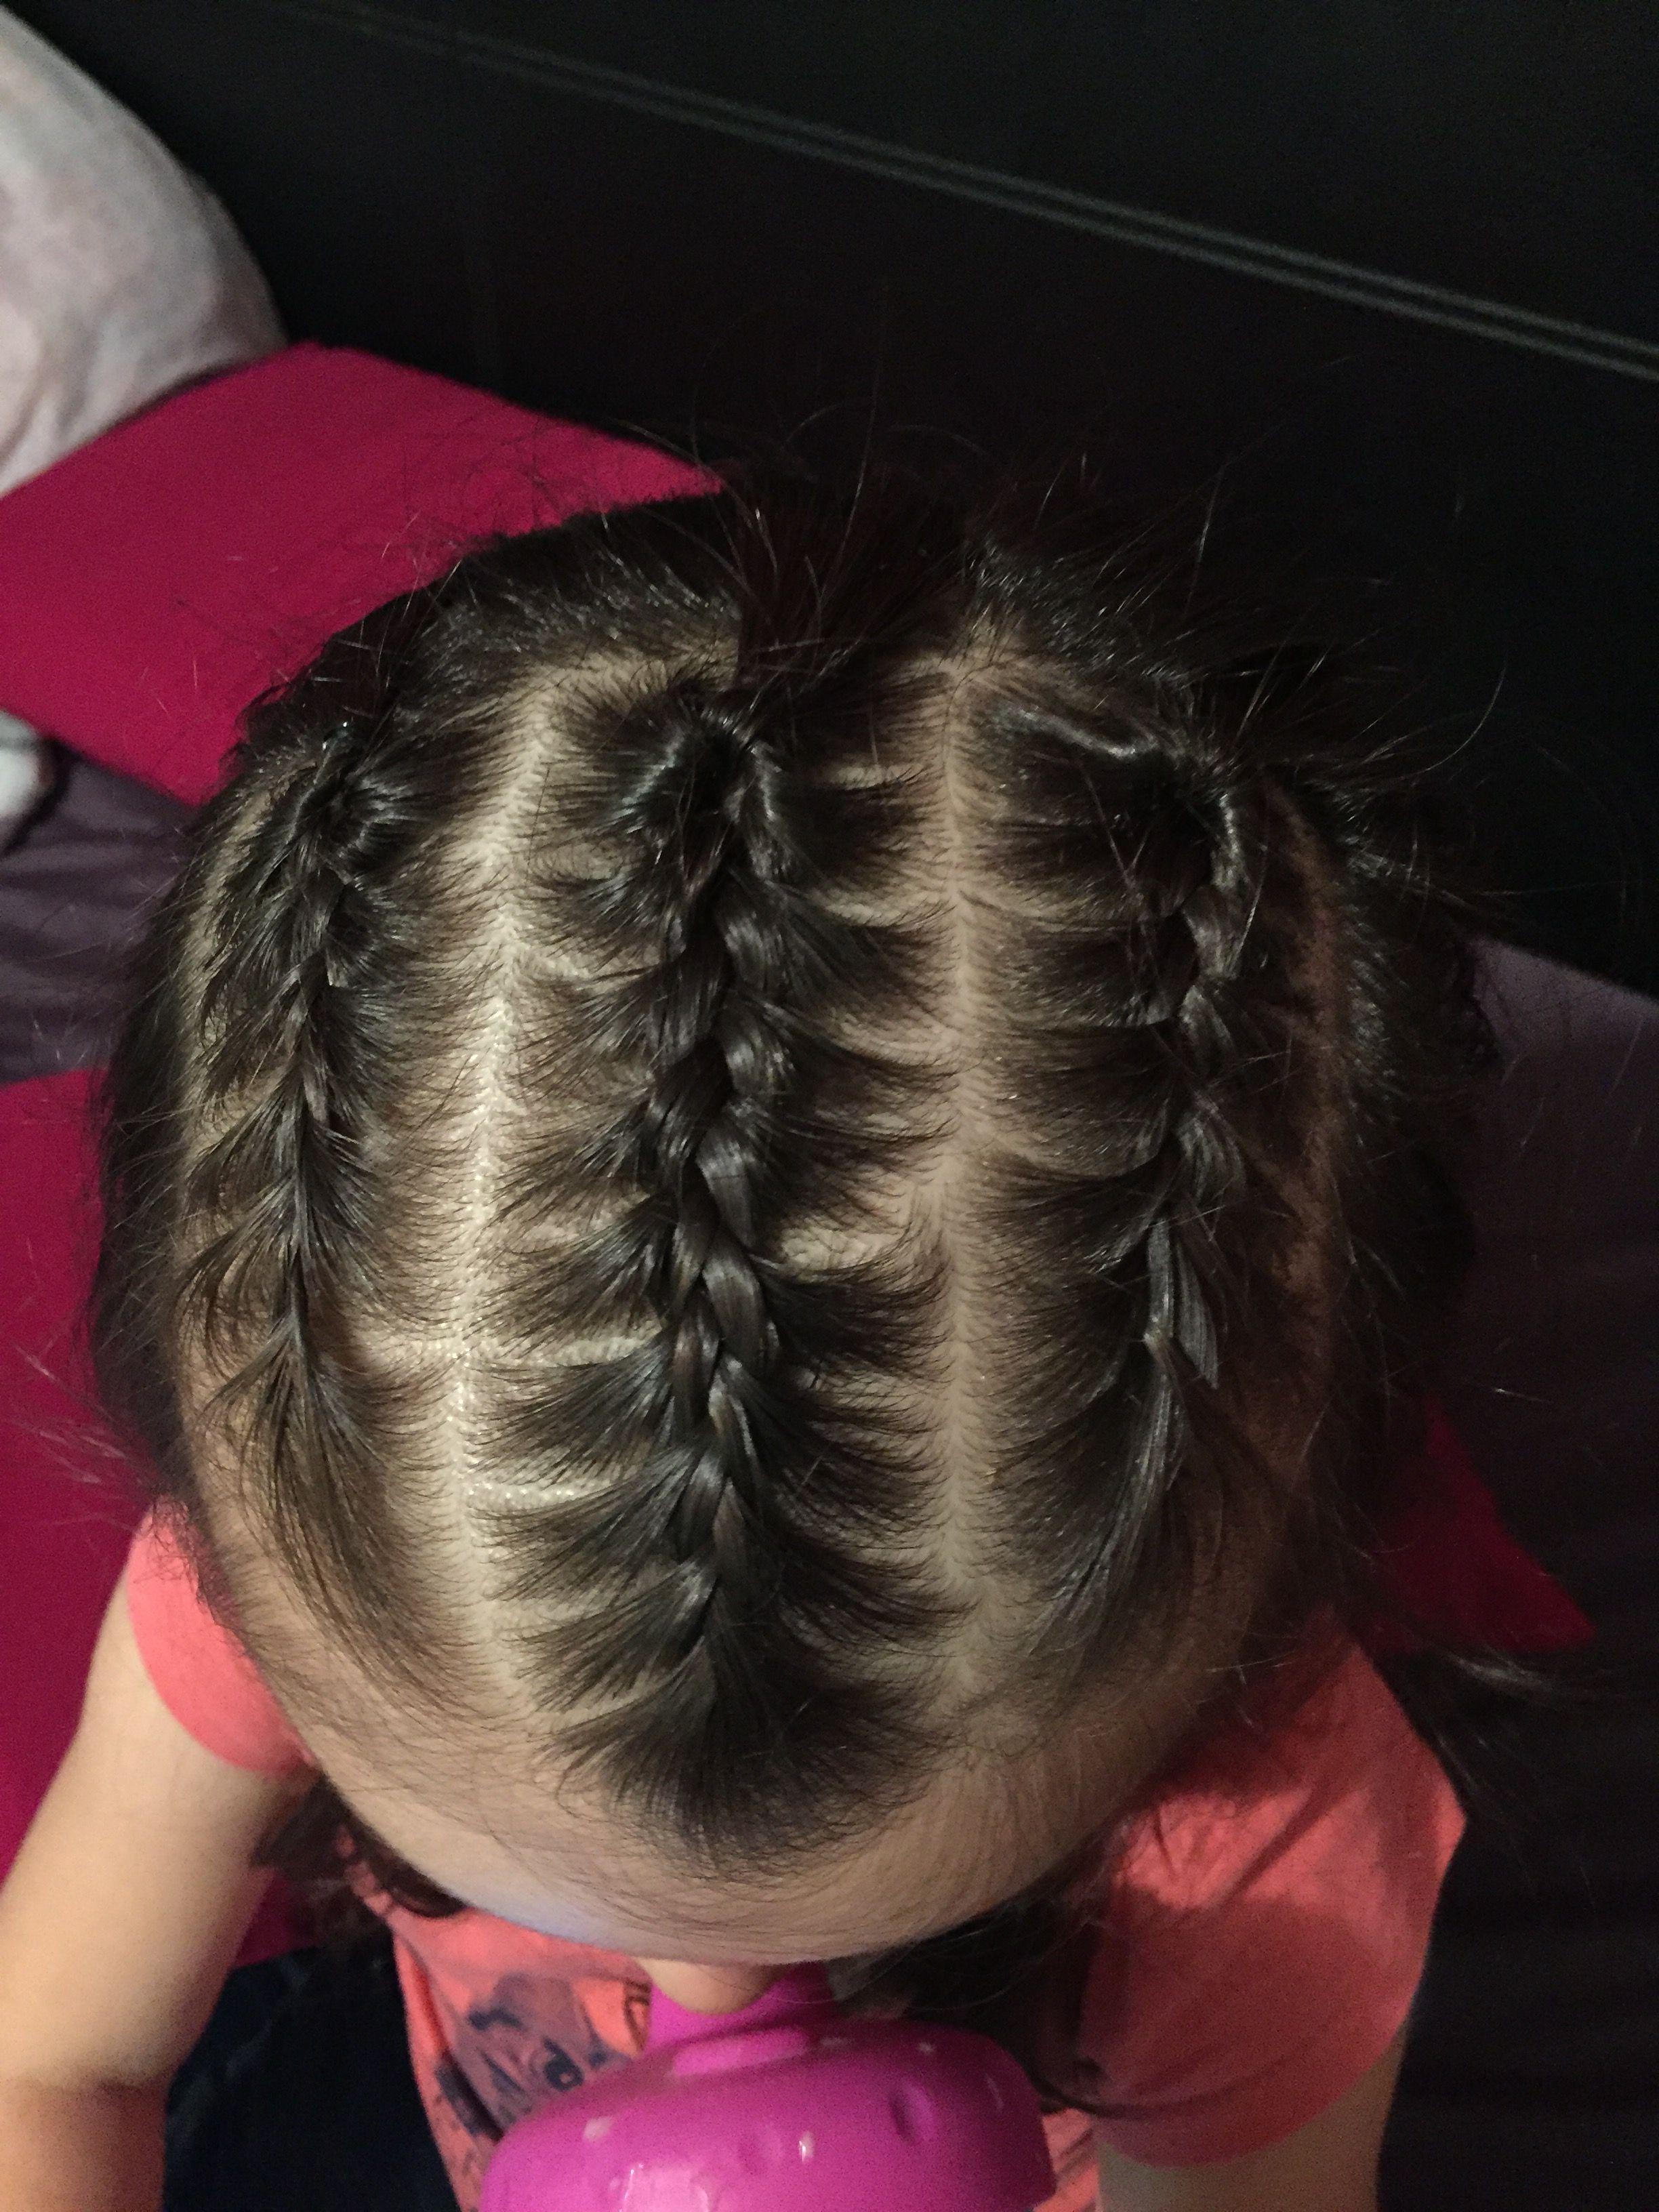 Pin By Glenda Zamora On Hair & Beauty